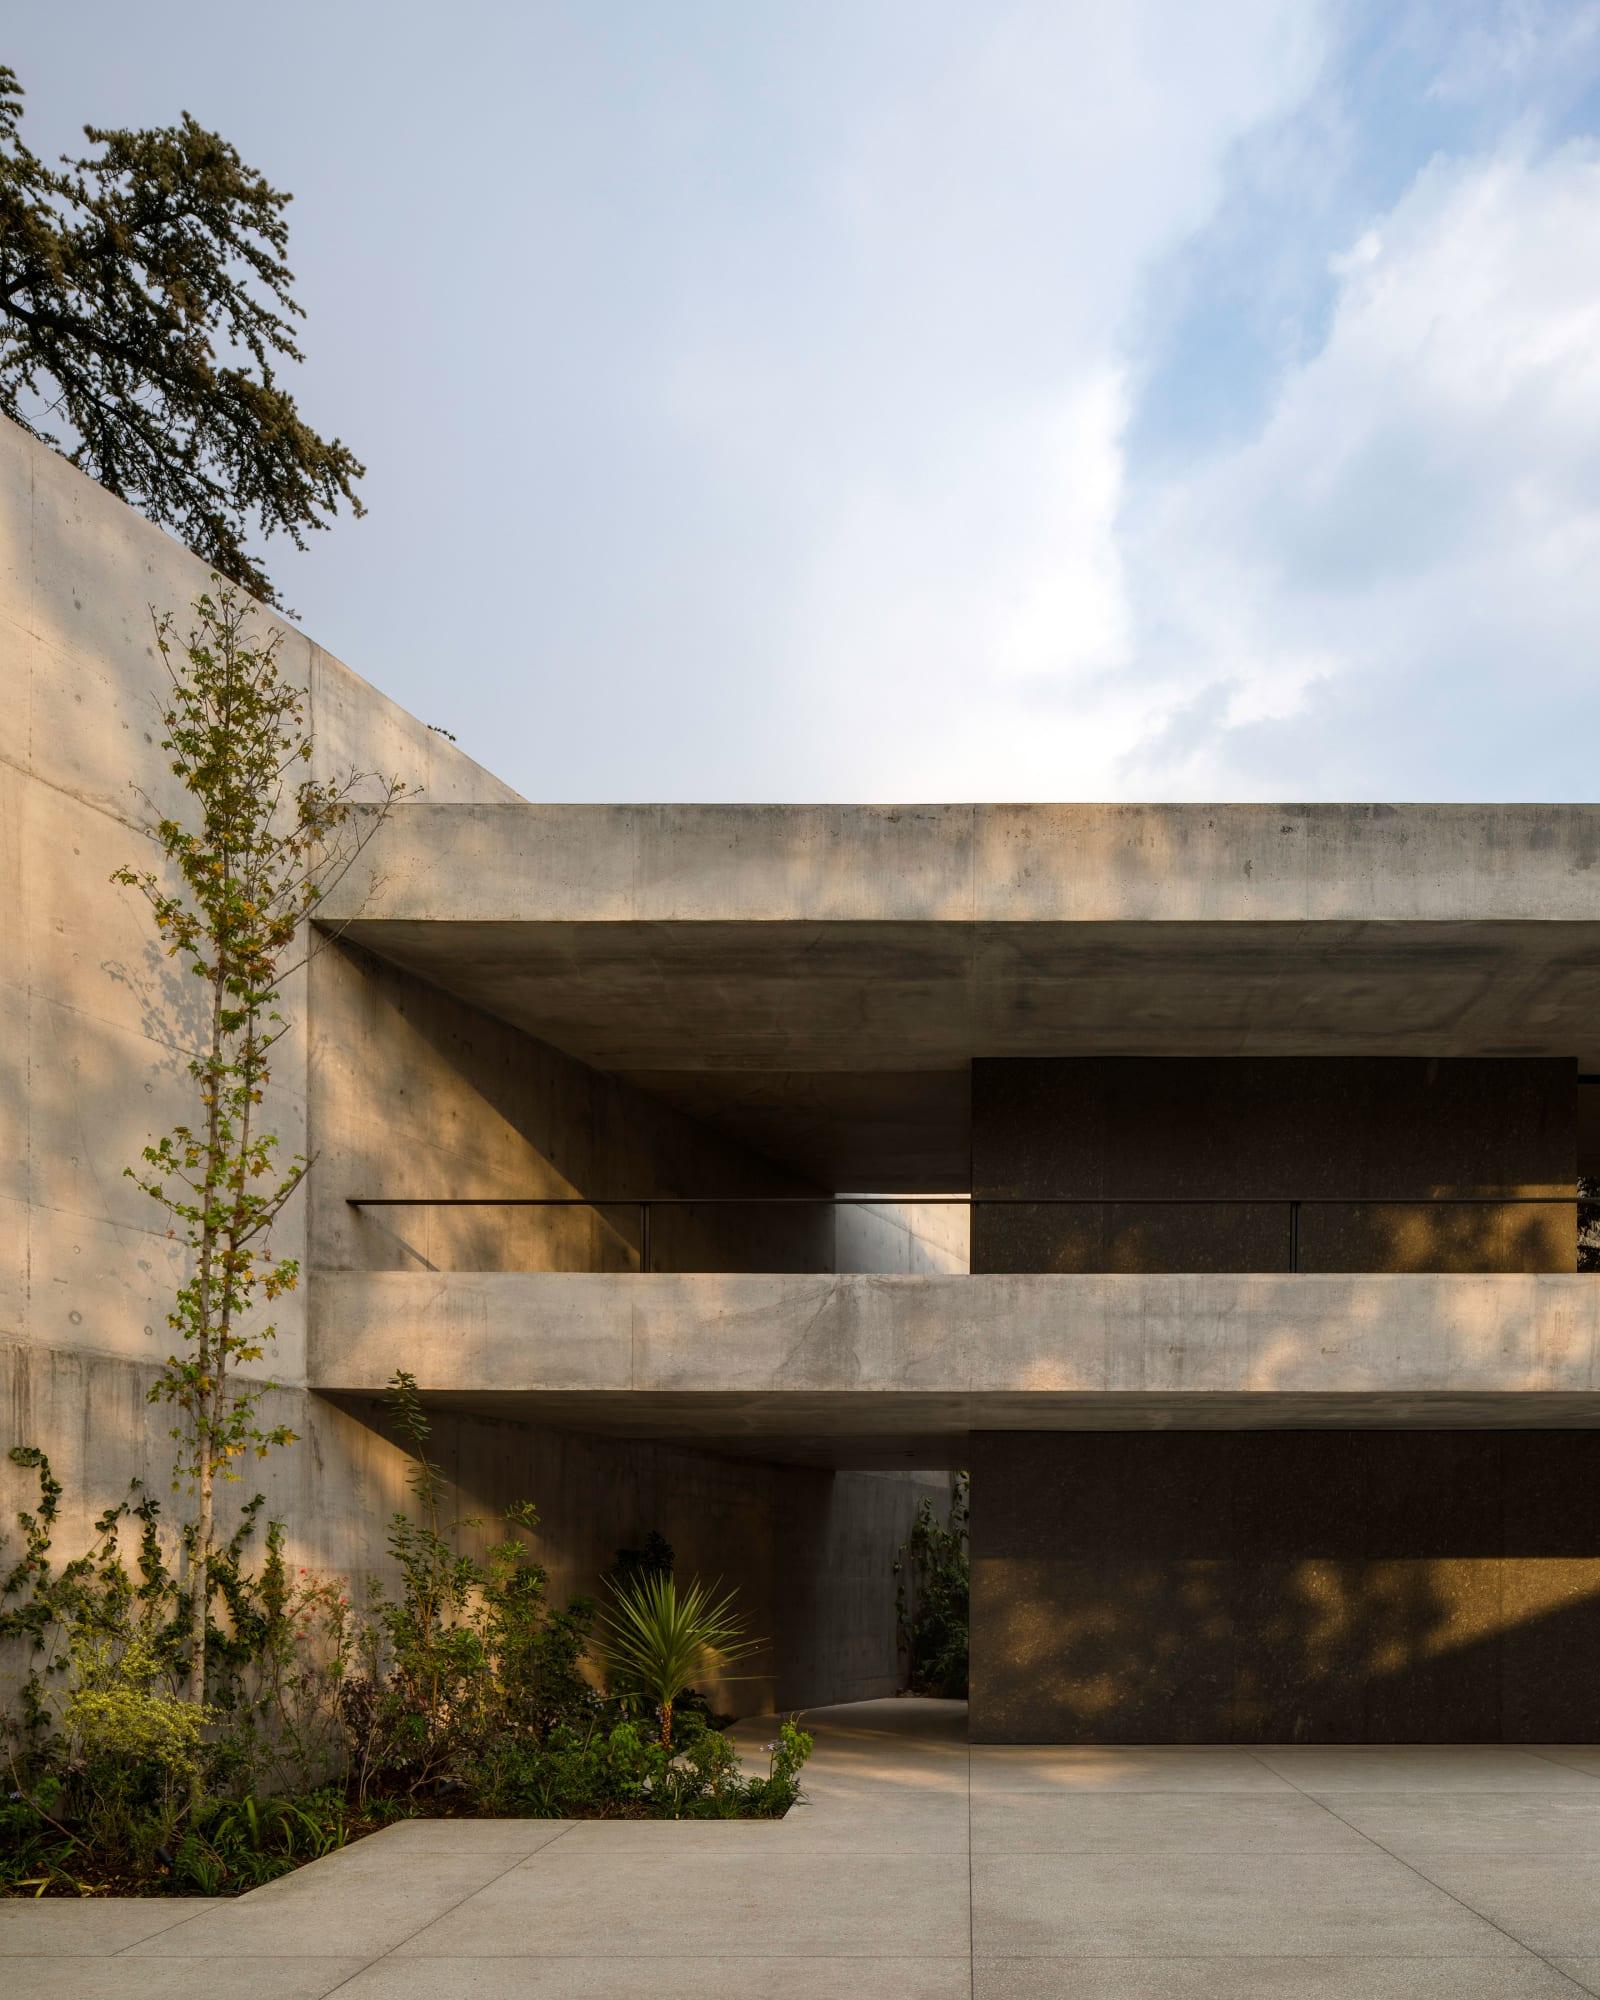 FHV Architectes . Blancasmoran . XXVII . Mexico Rafael Gamo afasia (2)